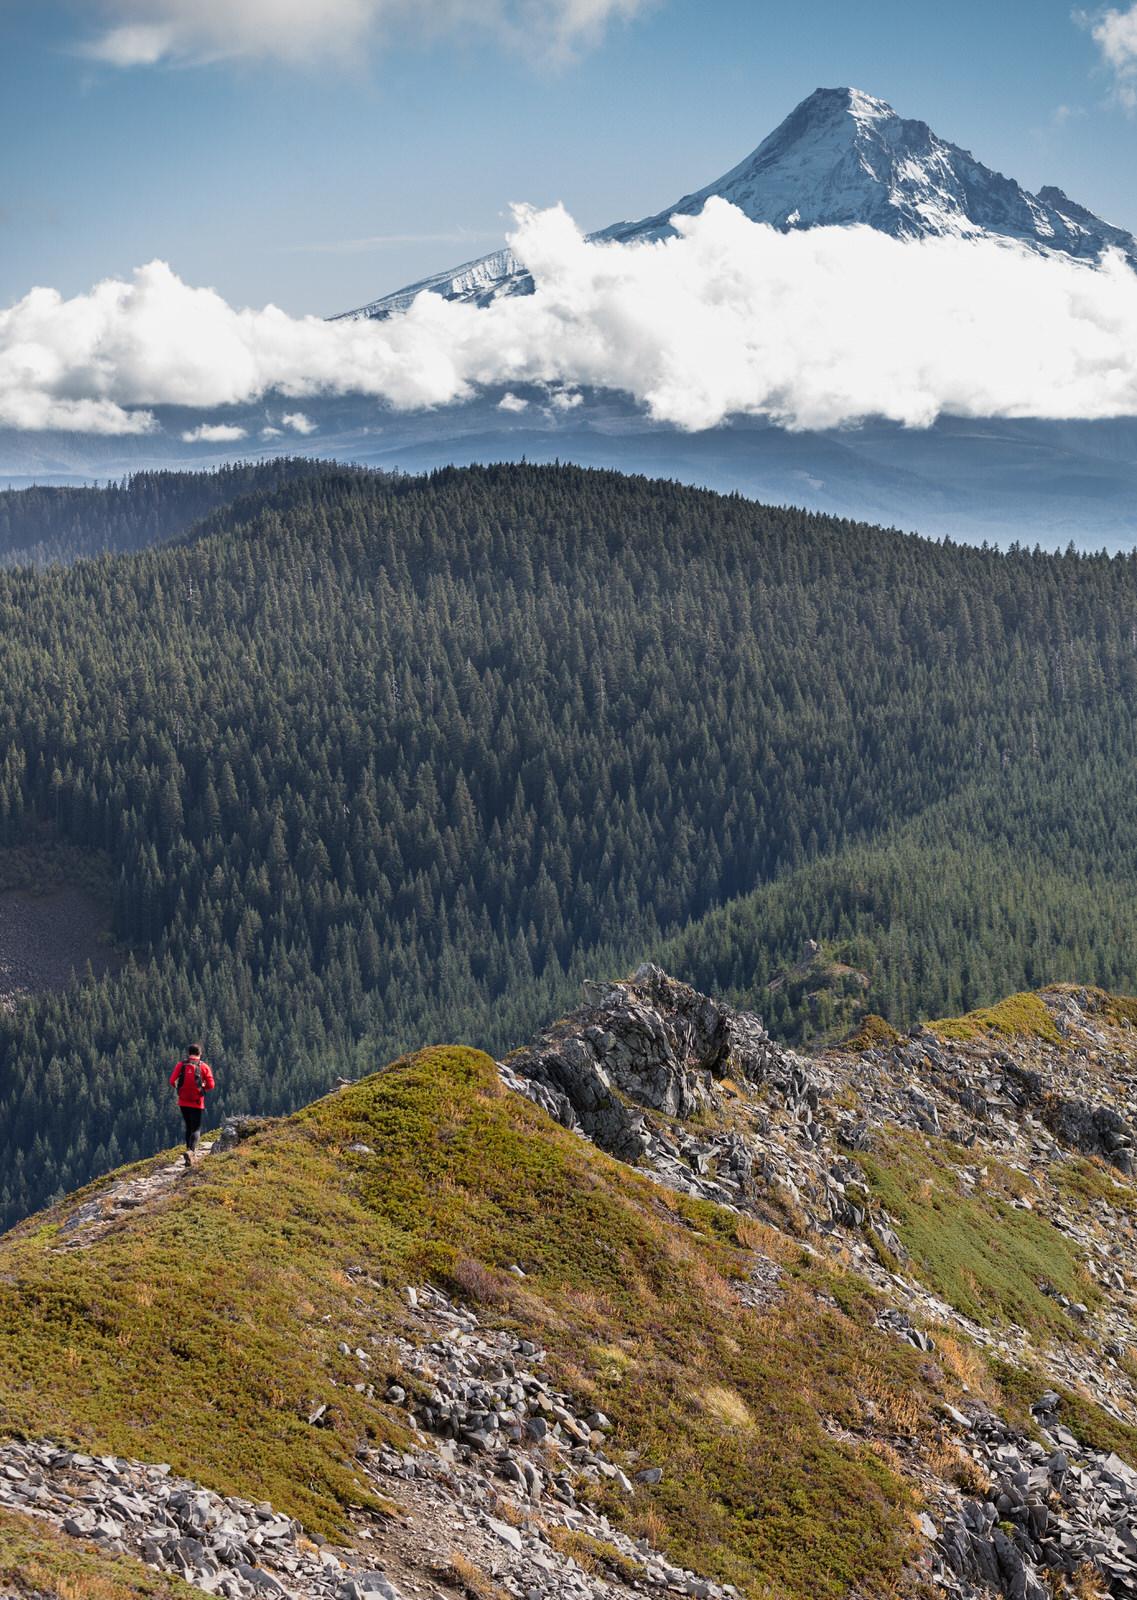 Trail runner on Tomlike Mountain